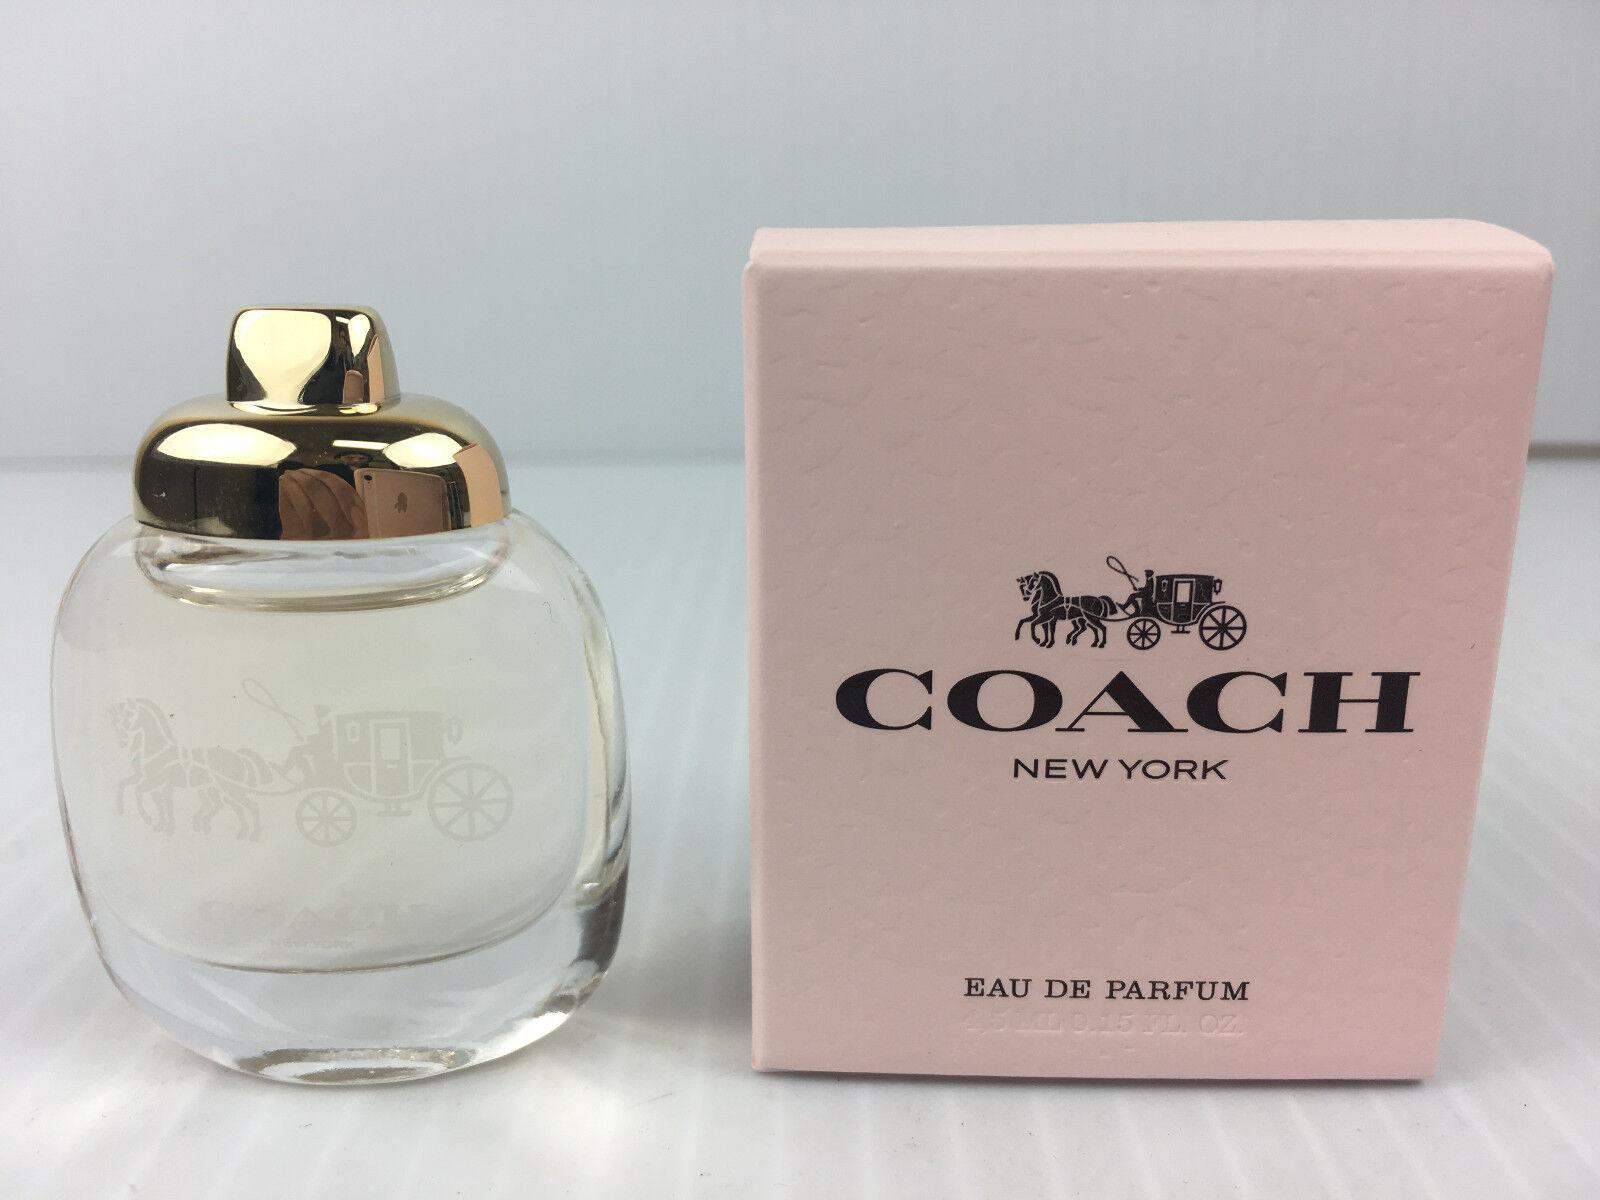 Details Women Coach Perfume Miniature De Parfum Box New York 0 4 5 Ml Oz About In Eau 15 srdCQxth